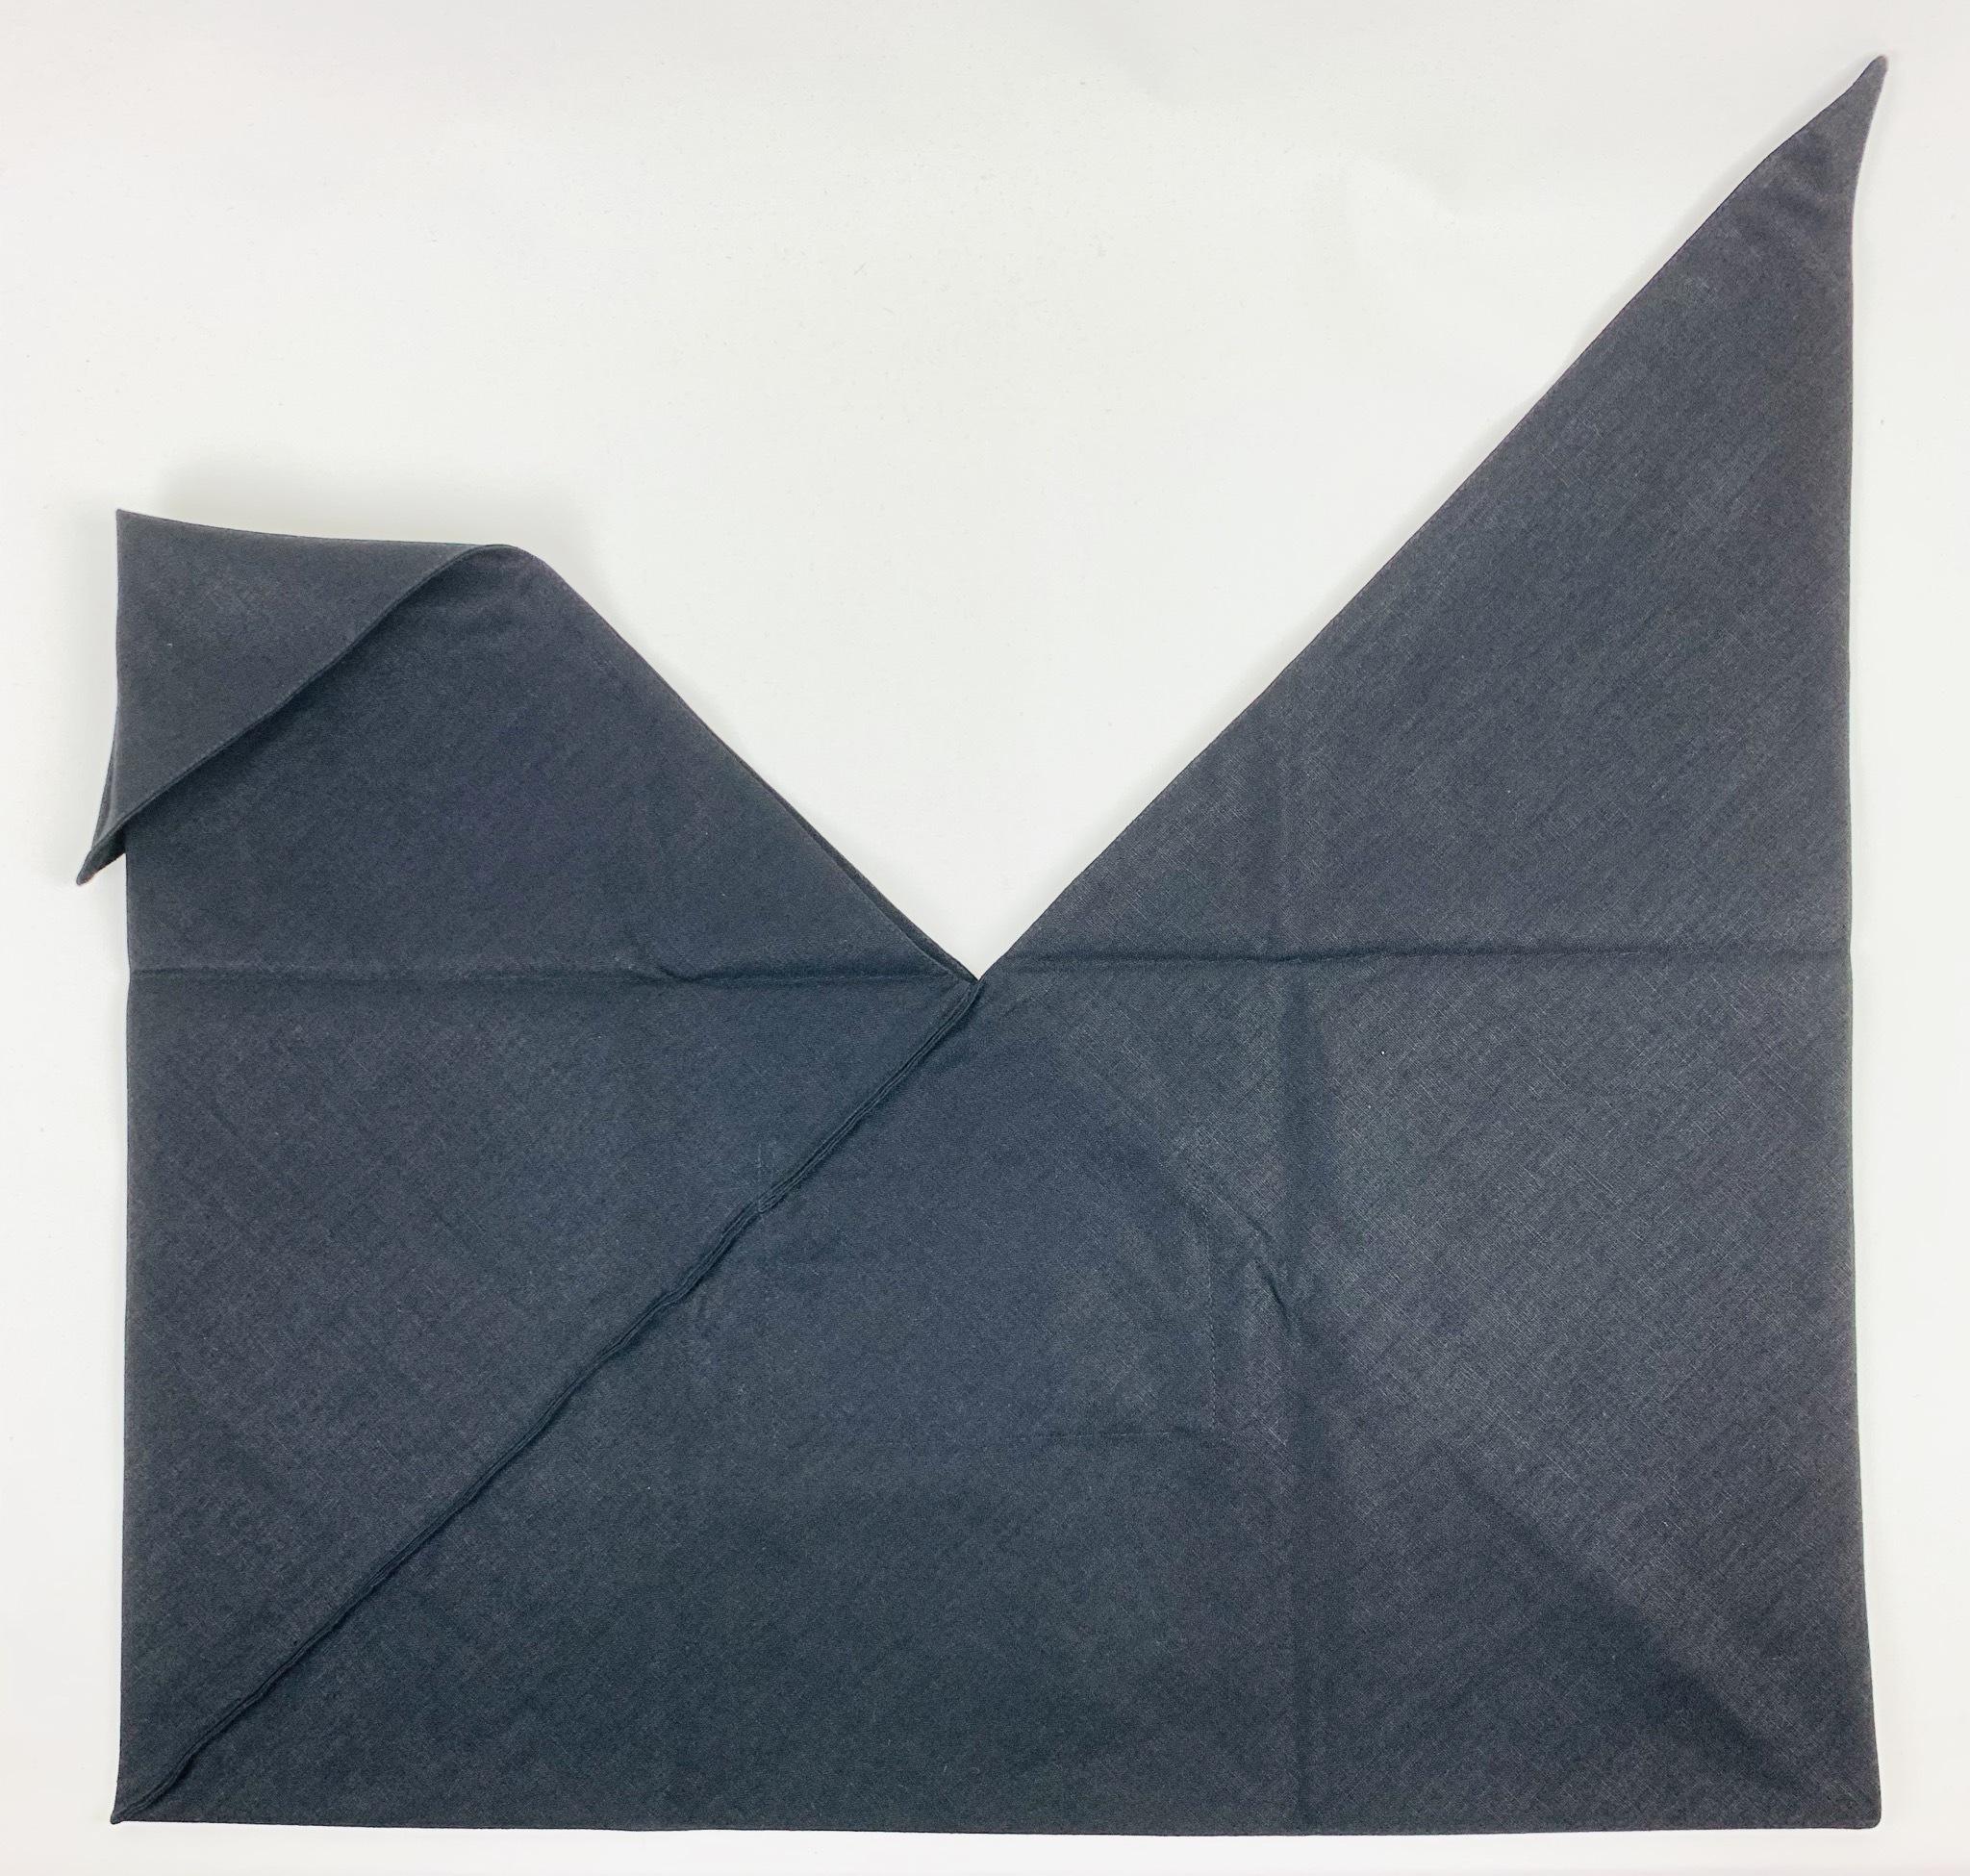 インバッグ モノトーン ブラック【M・Lサイズバッグ対応】